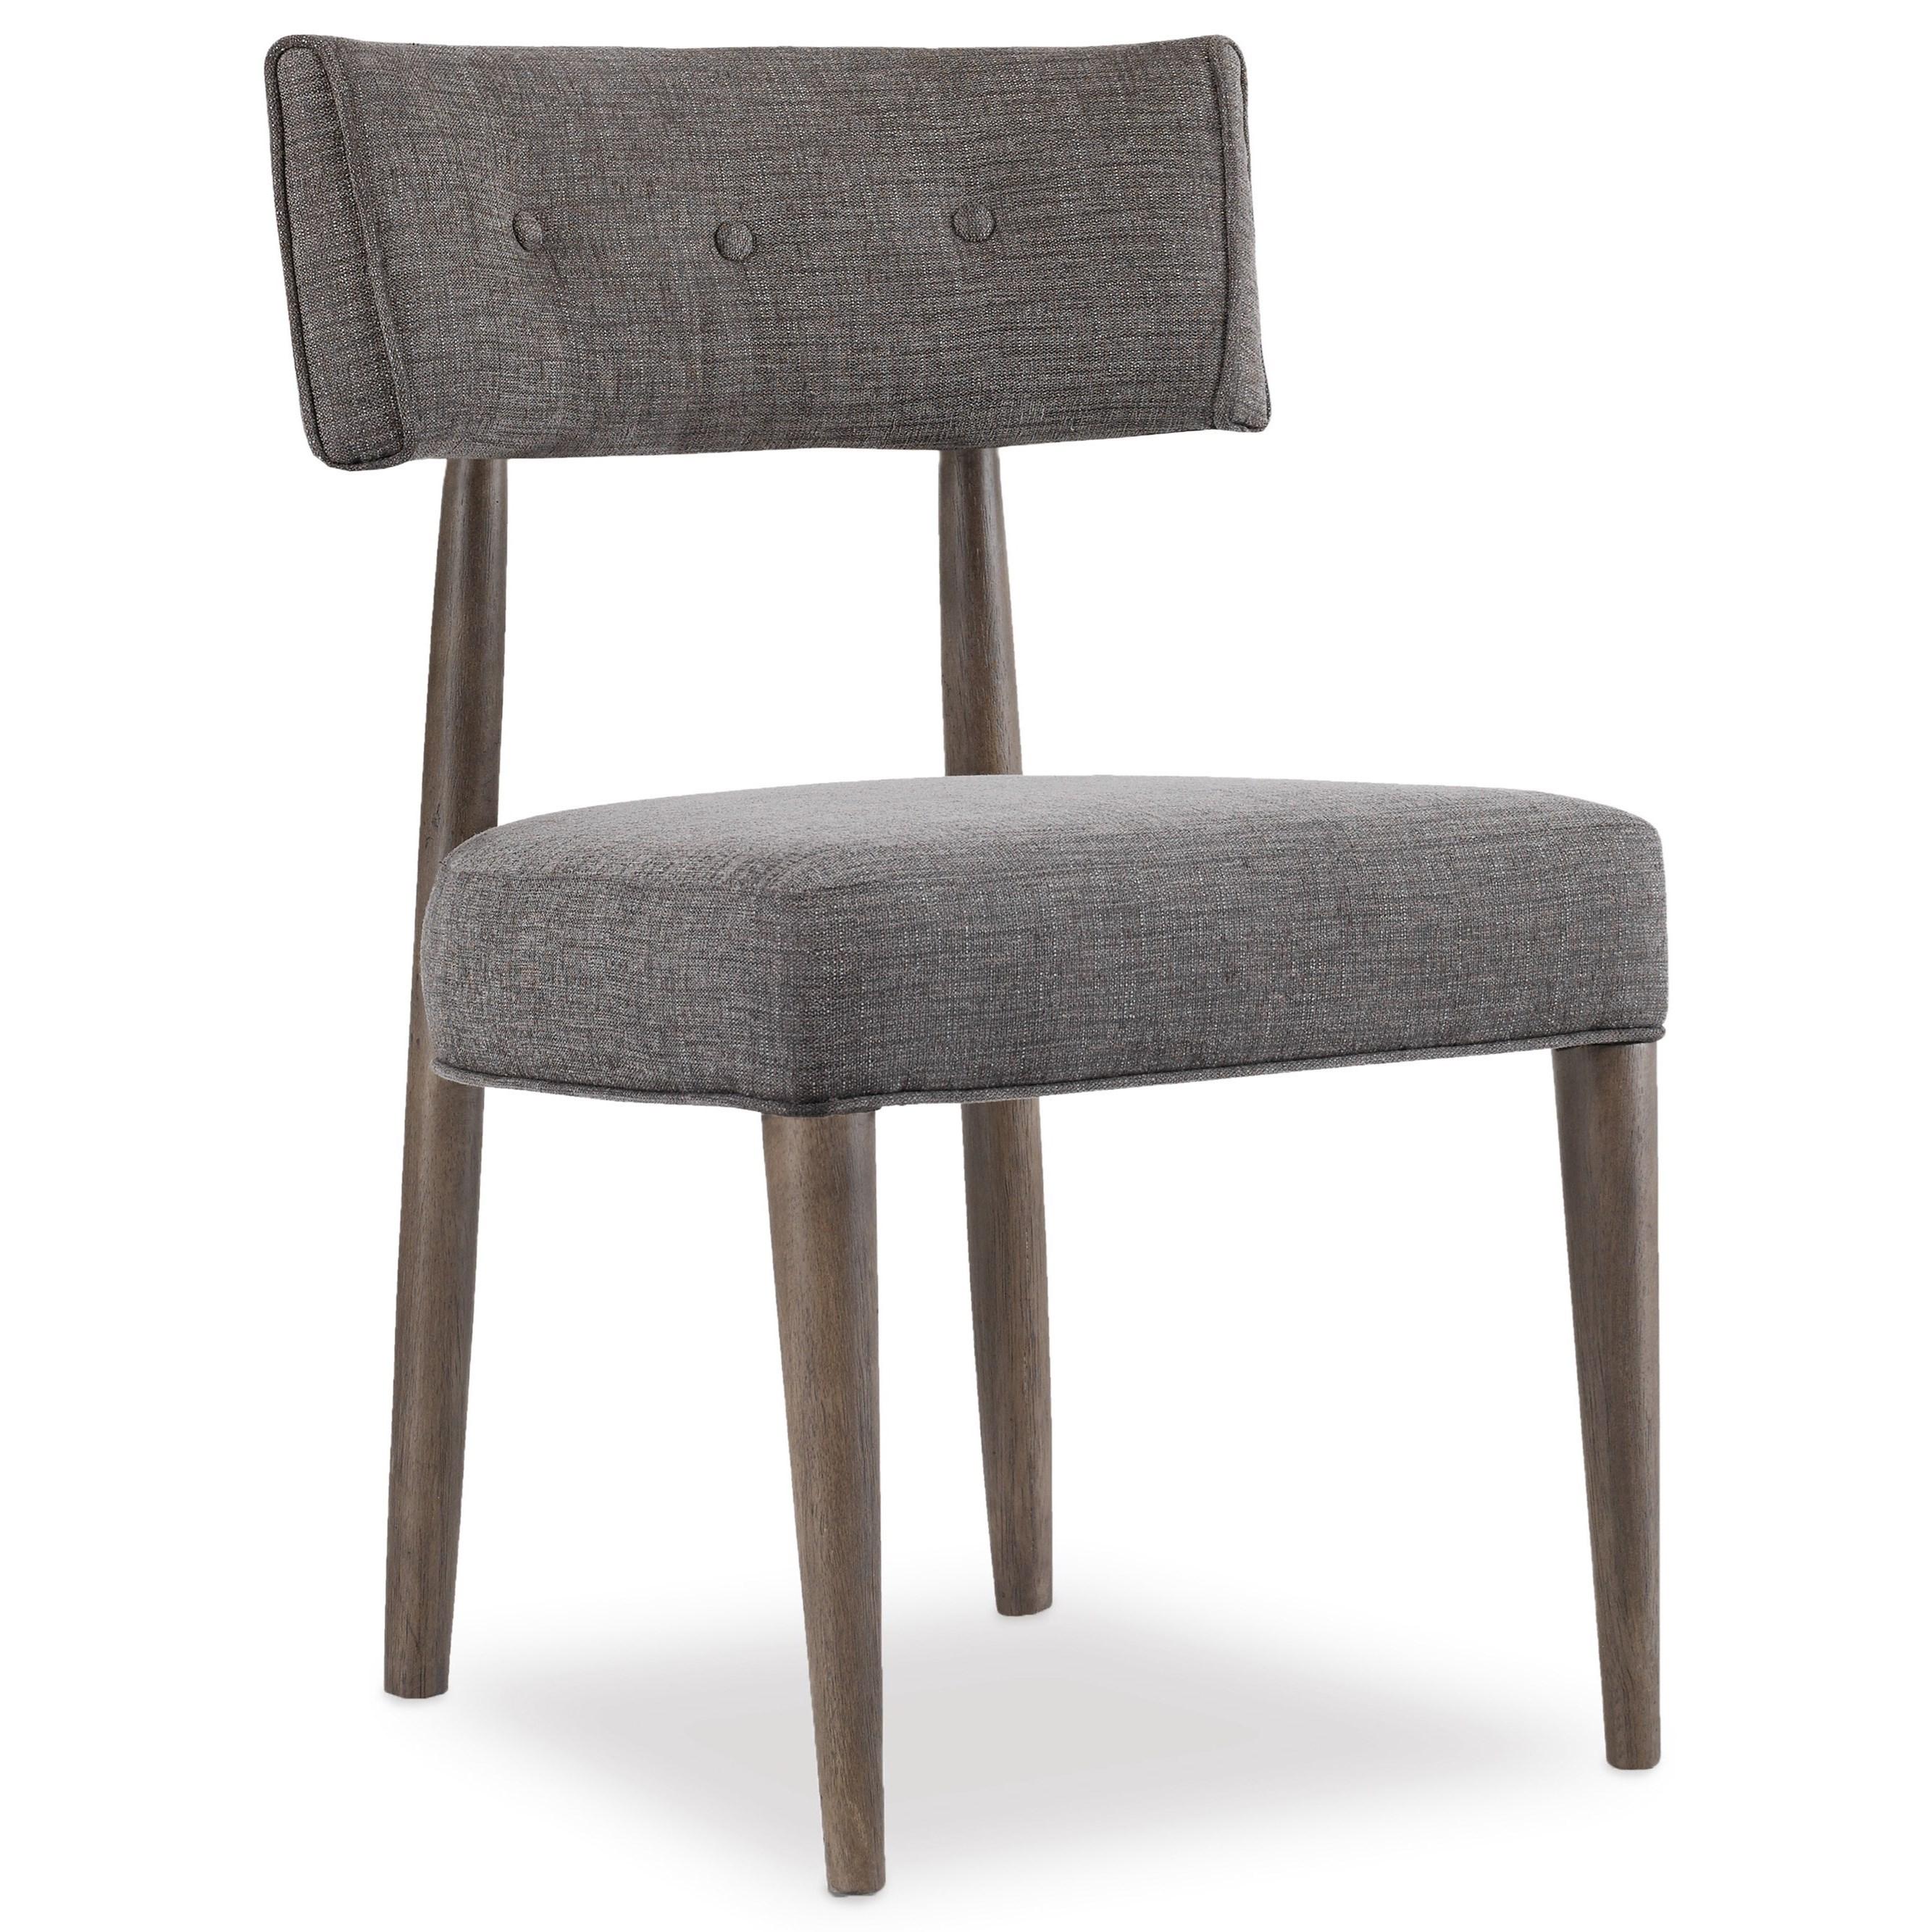 Hooker Furniture Curata Modern Upholstered Chair  Mueller